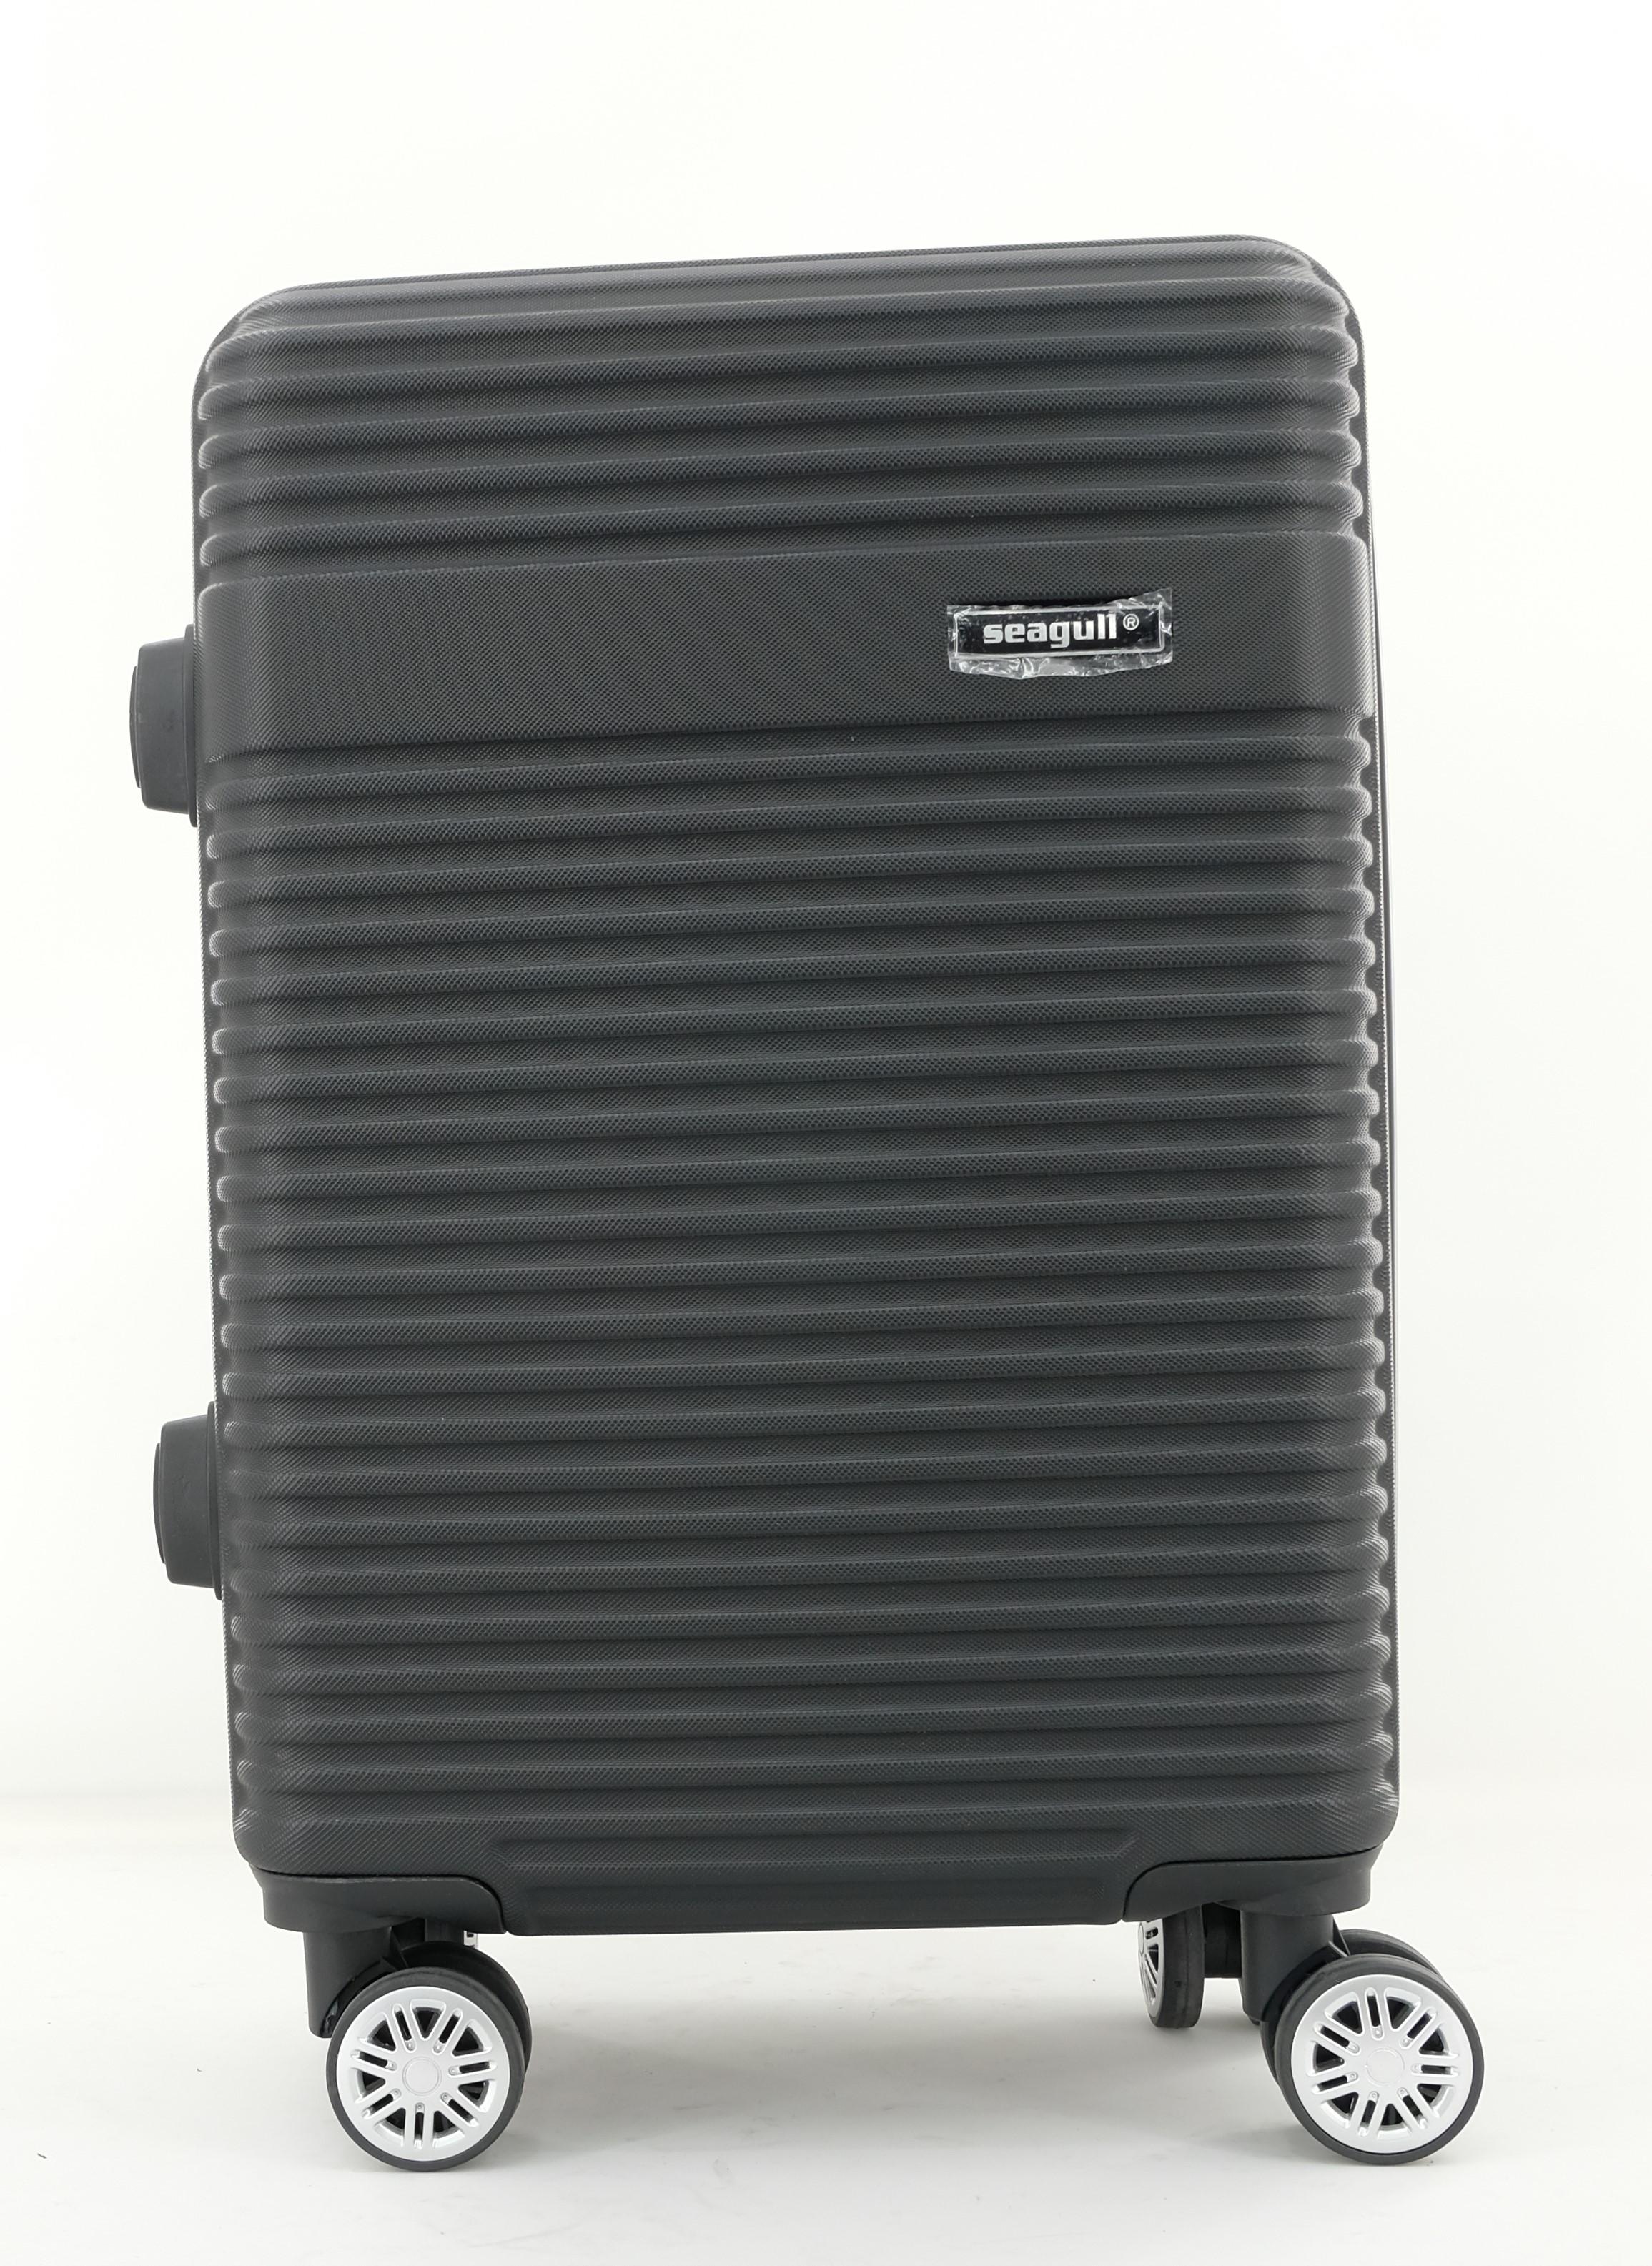 Βαλίτσα Καμπίνας με 4 Ροδες 55cm Seagull SG170-51 Μαύρο